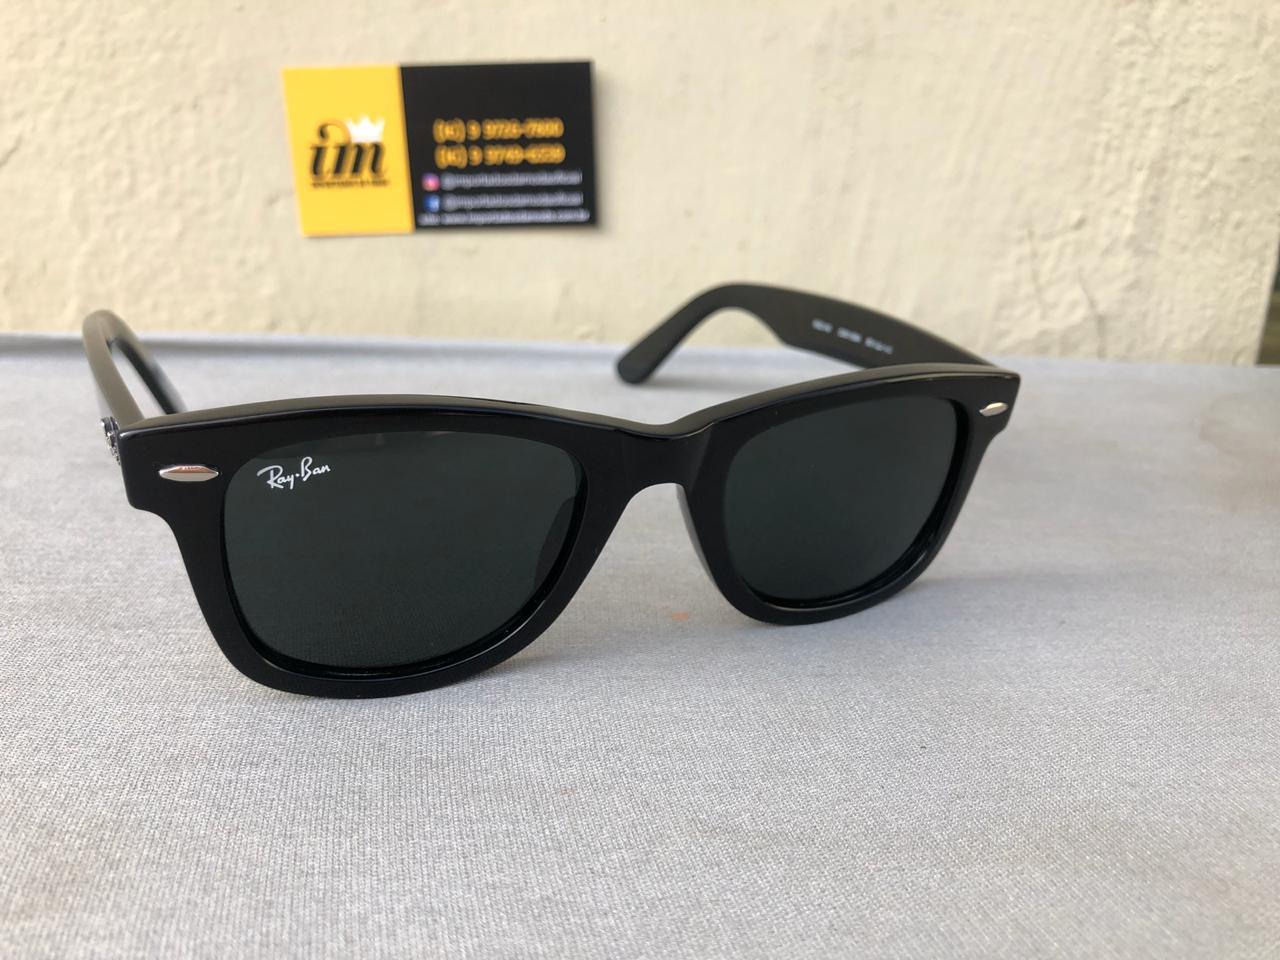 4f433d919 ... oculos de sol ray ban wayfarer rb2140 replica primeira linha importados  da moda 2 ...